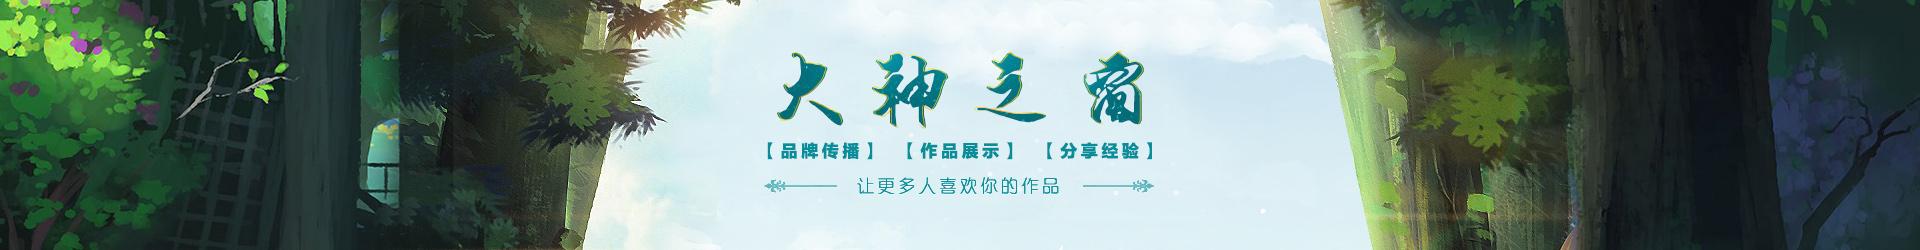 大神之窗-顶部banner